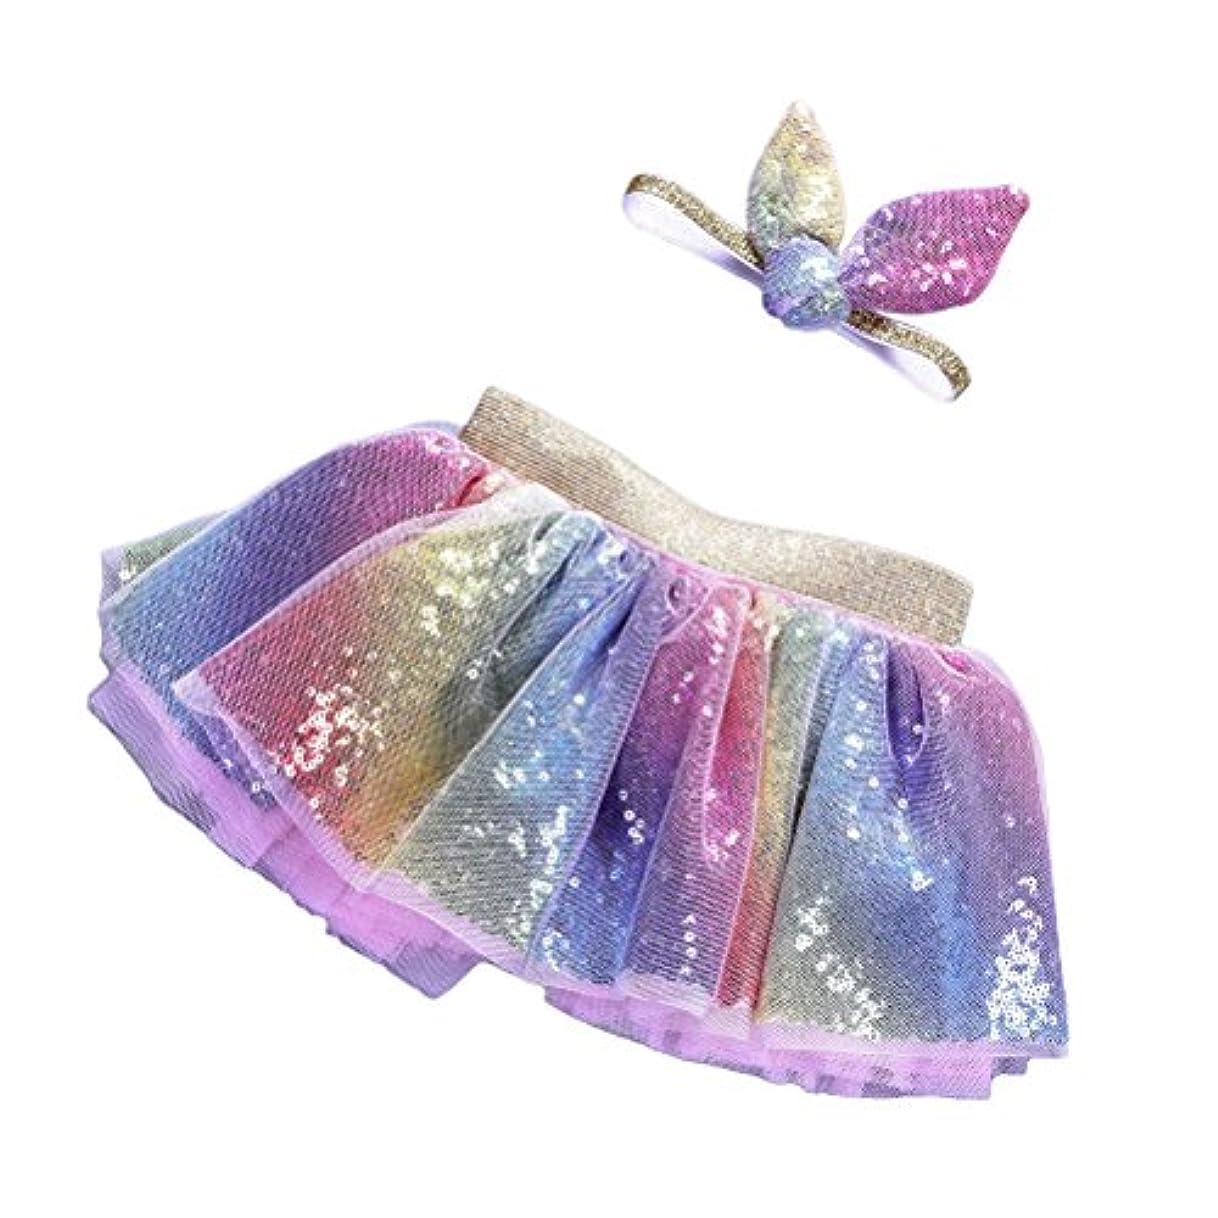 結婚式土曜日平衡LUOEM 2PCSレインボーツツスカート(ヘッドバンドプリンセスガール付き)Tutu OutfitベビーガールズBirthday Outfit Set S(0-2歳)